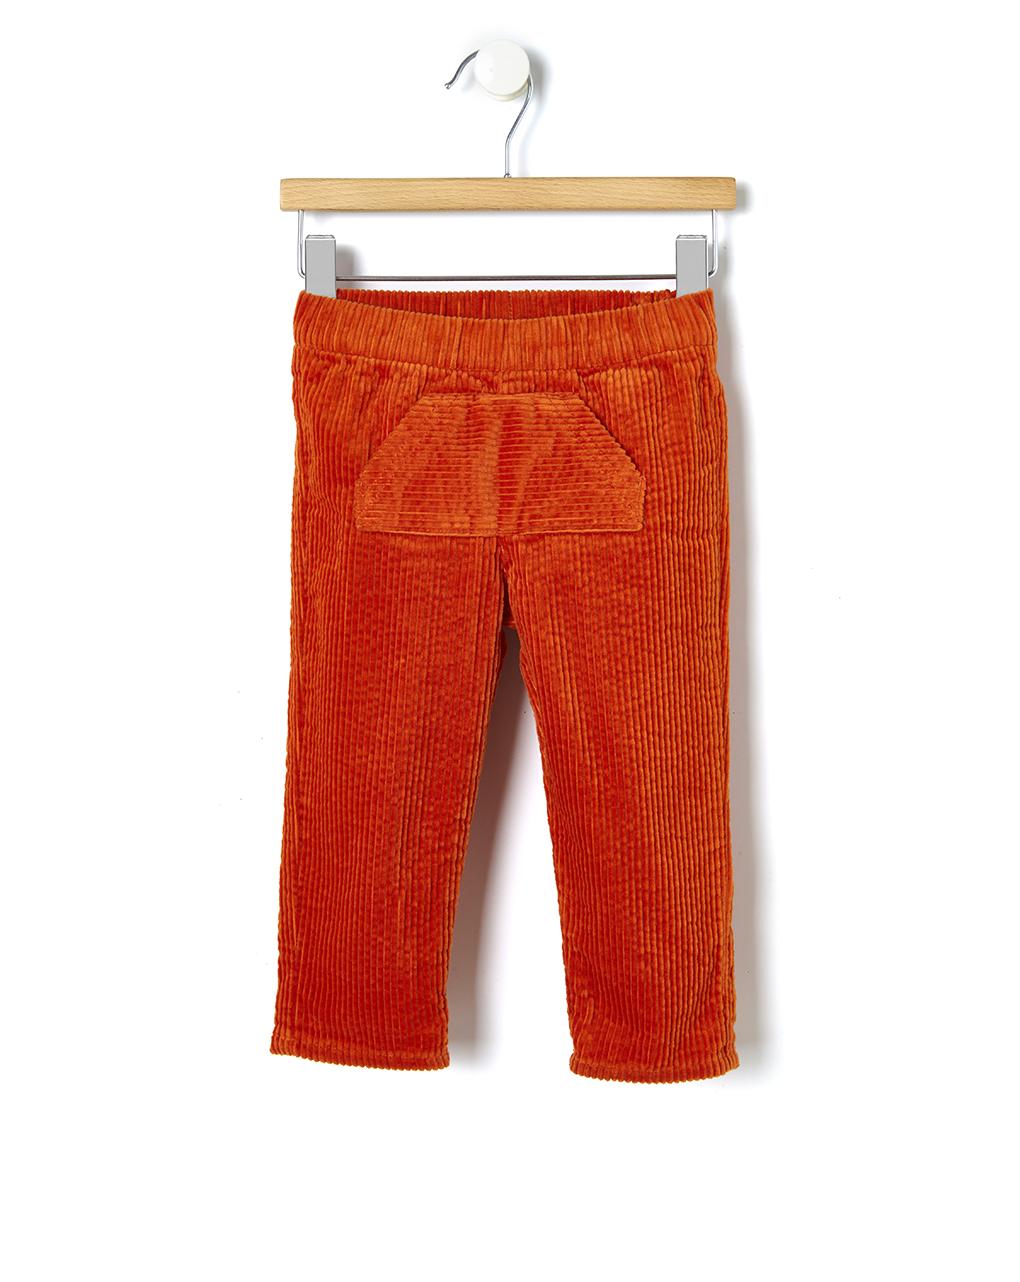 Παντελόνι Βελουτέ Πορτοκαλί για Αγόρι